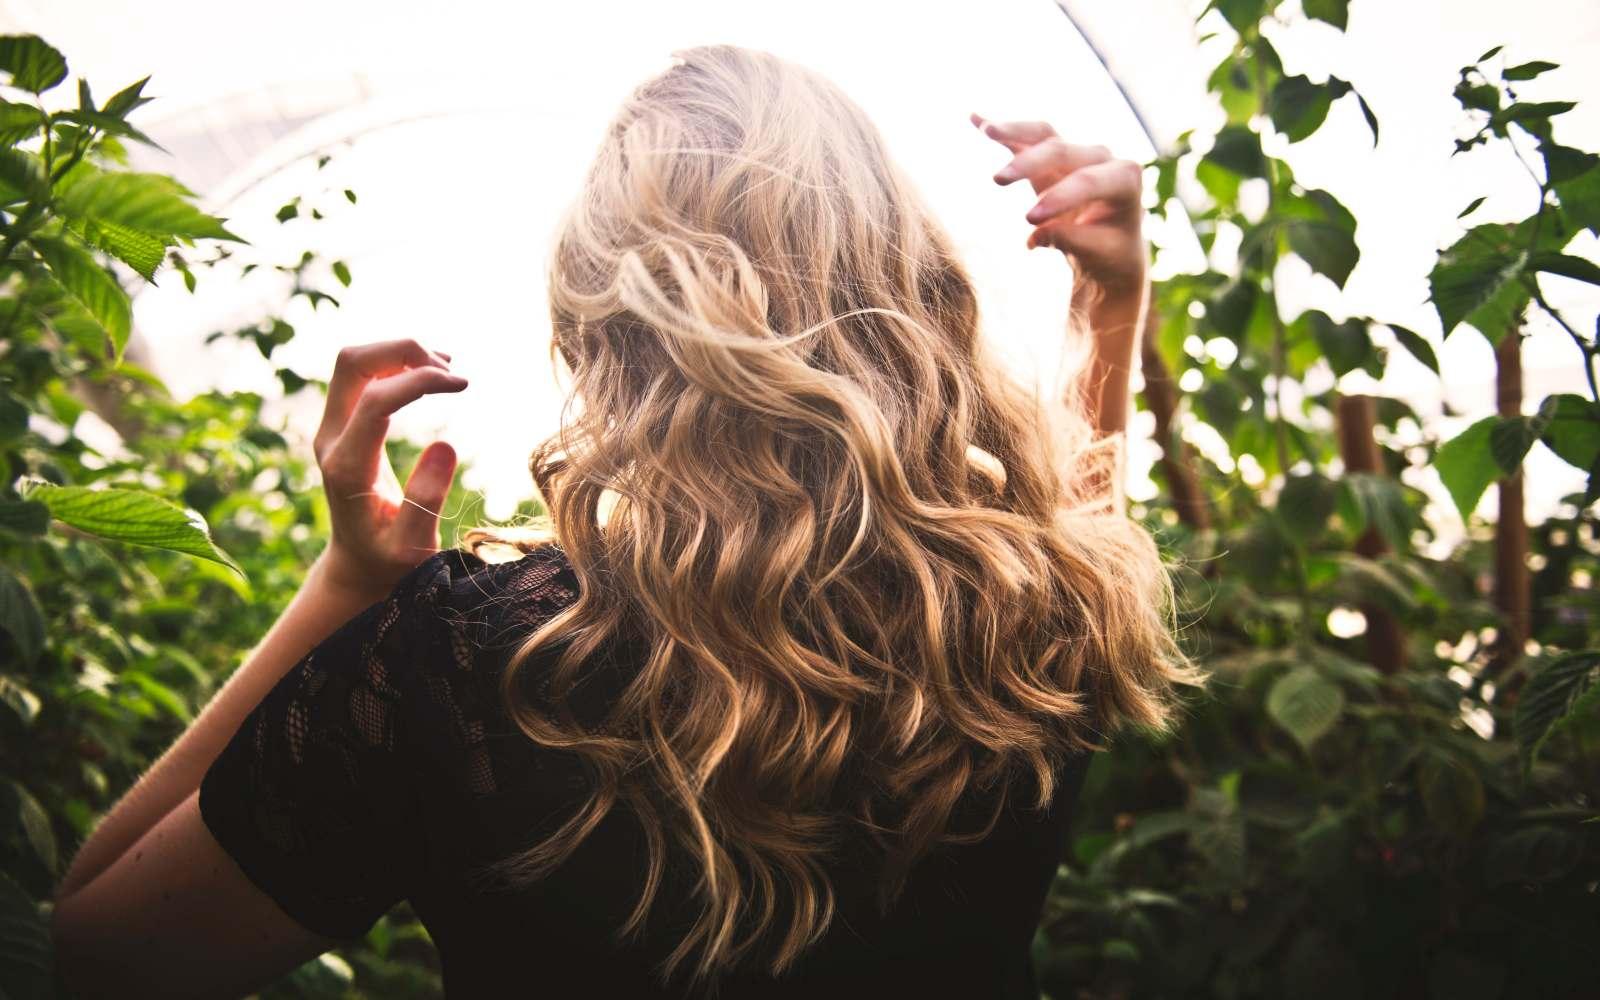 ragazza con capelli biondi ondulati di spalle con maglia a maniche corte nera, tra piante verdi